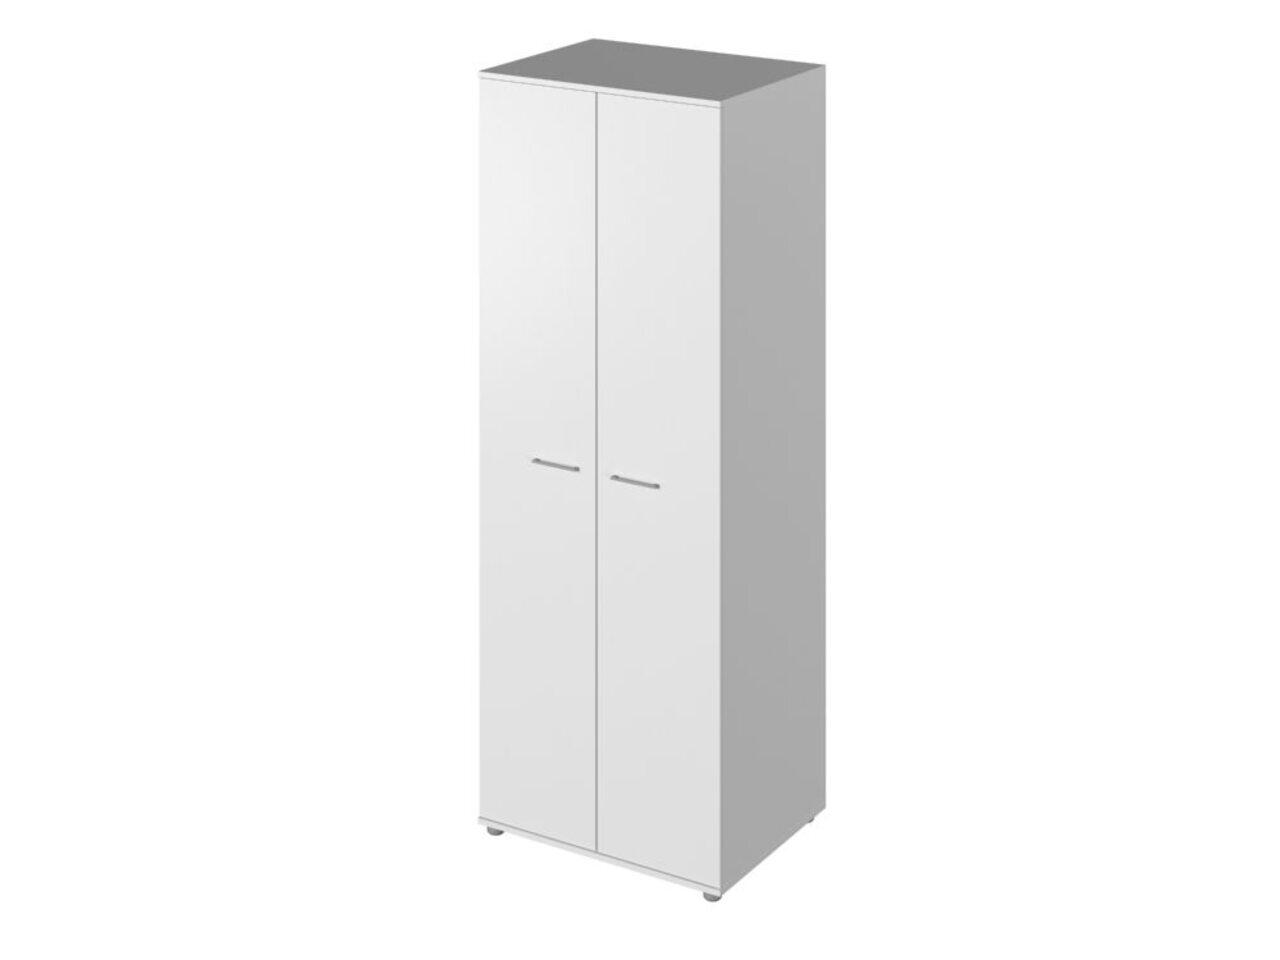 Шкаф для одежды  Public Comfort 77x59x210 - фото 1